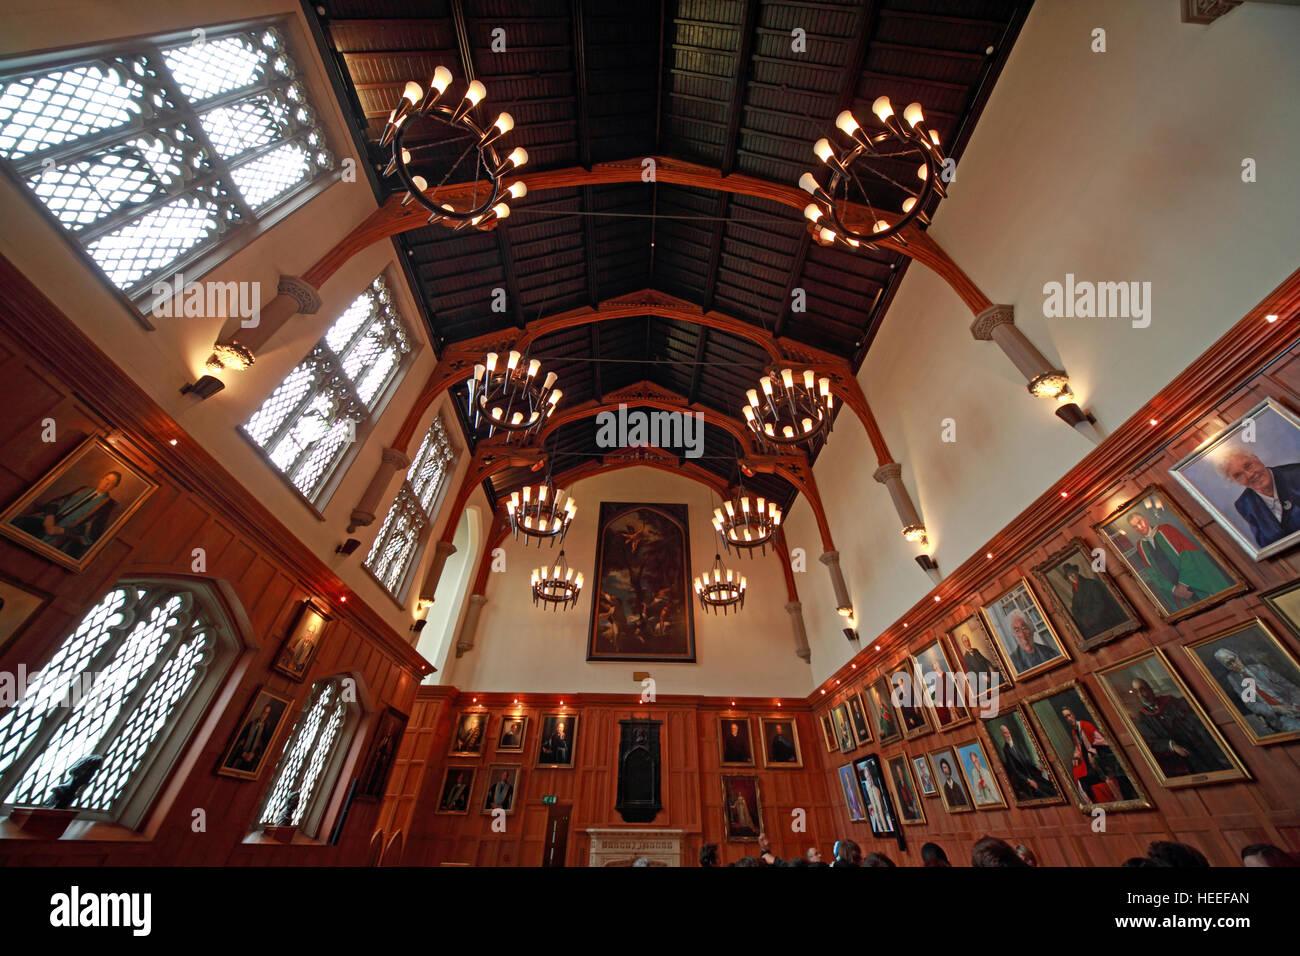 Laden Sie dieses Alamy Stockfoto Hallen der Queens University Belfast, mit Gemälden, Nordirland, Vereinigtes Königreich - HEEFAN